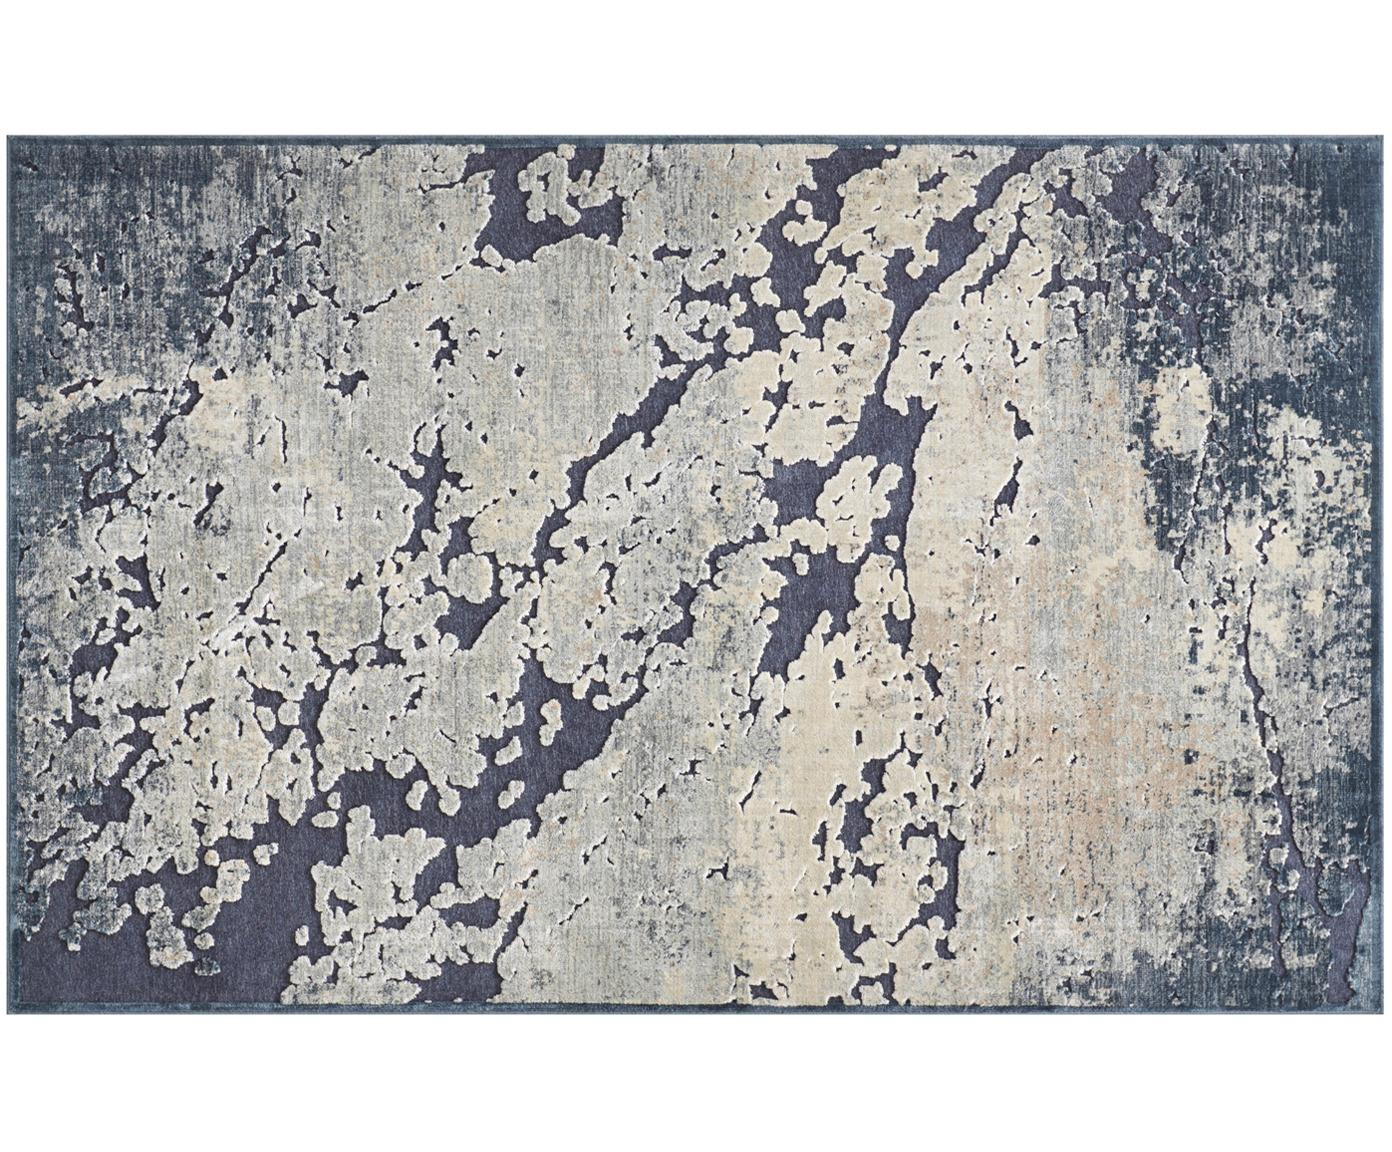 Viskose-Teppich Arroux mit Hoch-Tief-Effekt, Flor: 90%Viskose, 10%Polyeste, Dunkelblau, Beige, B 80 x L 125 cm (Grösse XS)